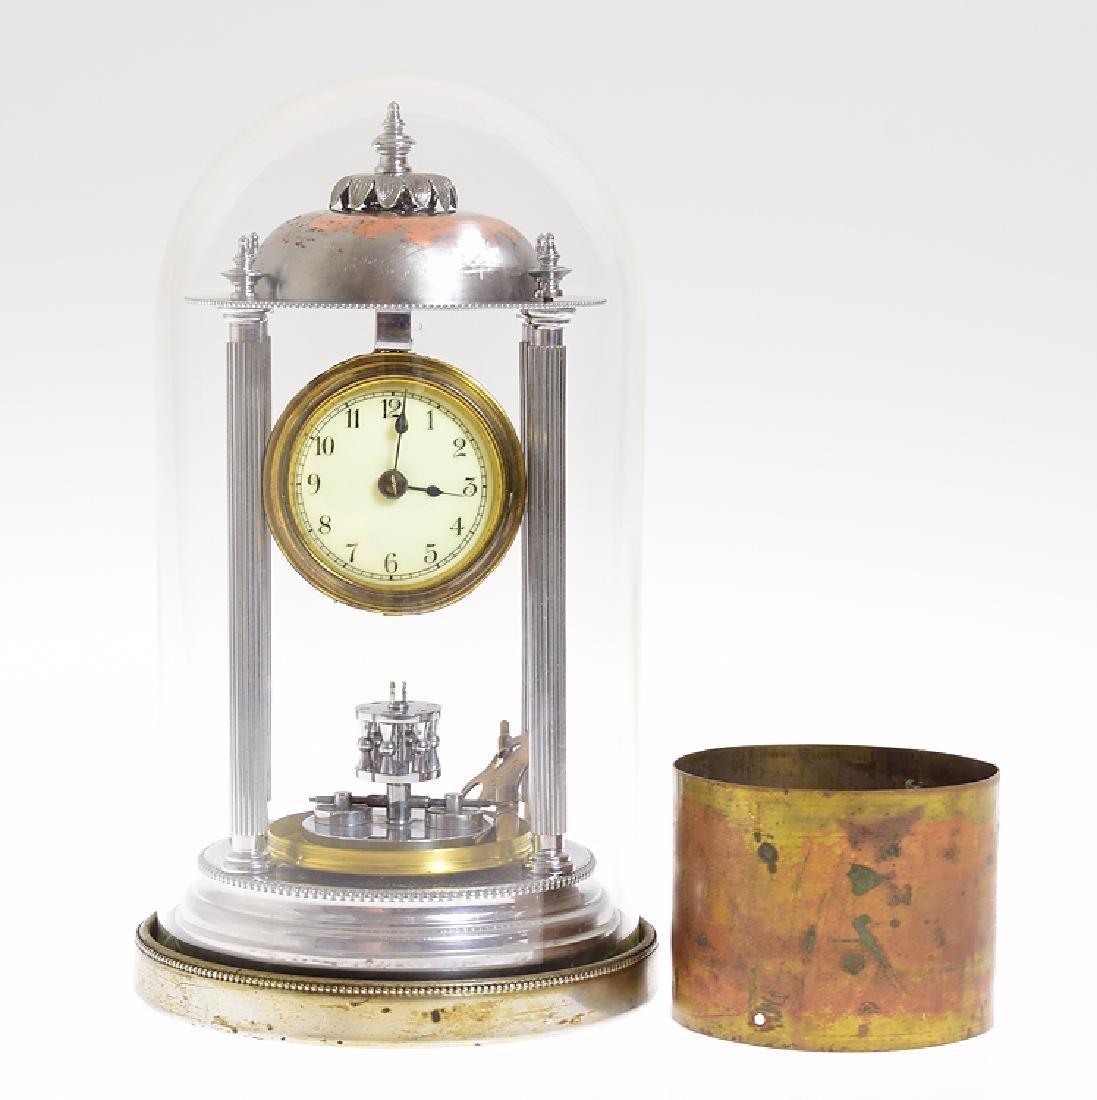 Philip Hauck RARE ANTIQUE MINIATURE BANDSTAND CLOCK